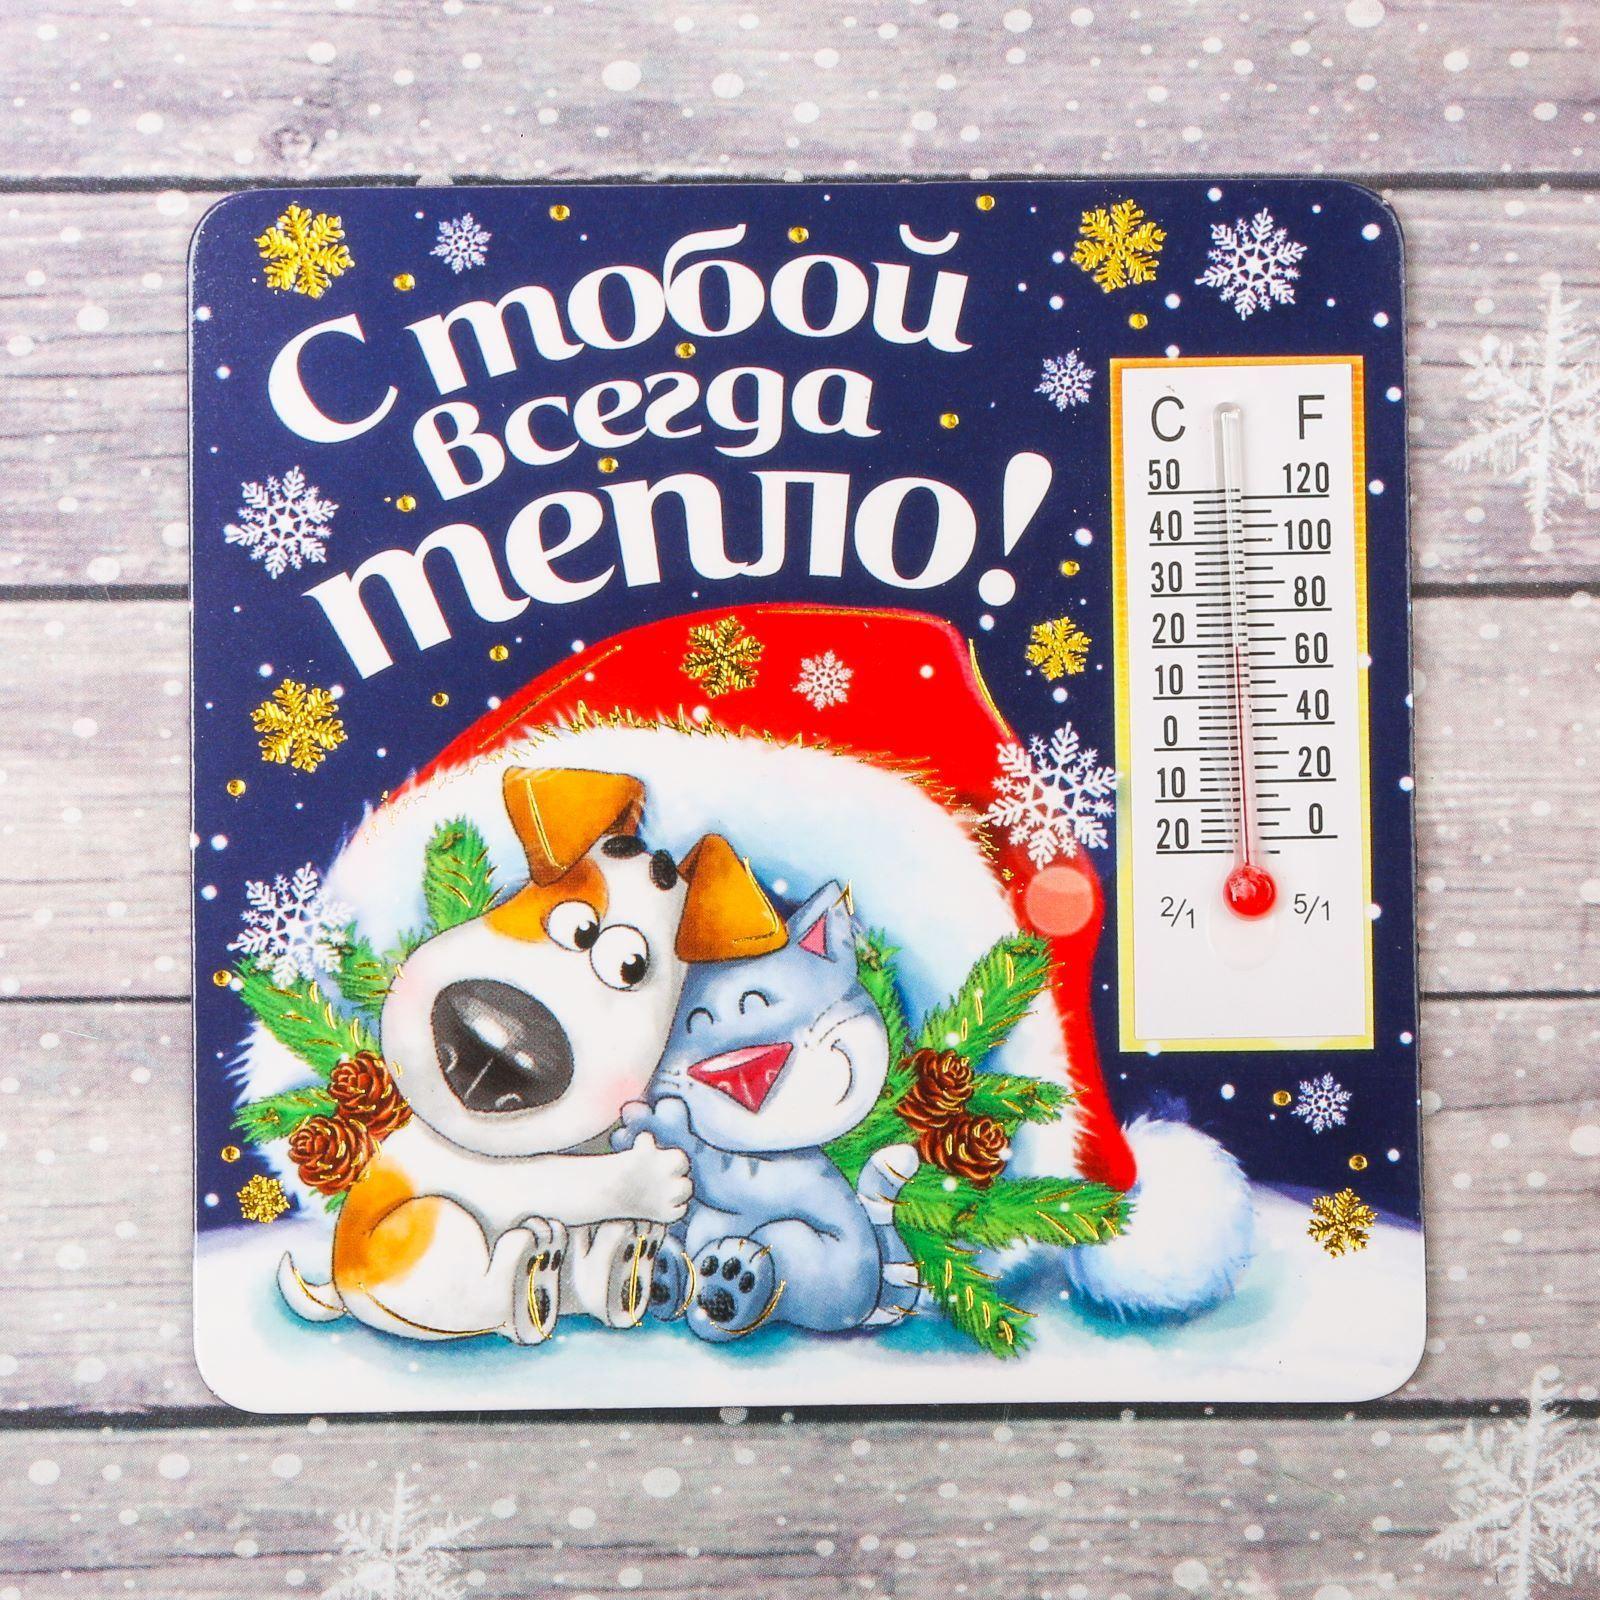 Магнит Sima-land С тобой всегда тепло, с термометром, 8 х 8 см2011363Порадуйте родных и близких оригинальным сувениром: преподнесите в подарок магнит. С ним даже самый серьёзный человек почувствует себя ребёнком, ожидающим чудо! Создайте праздничное настроение, и оно останется с вами на весь год.